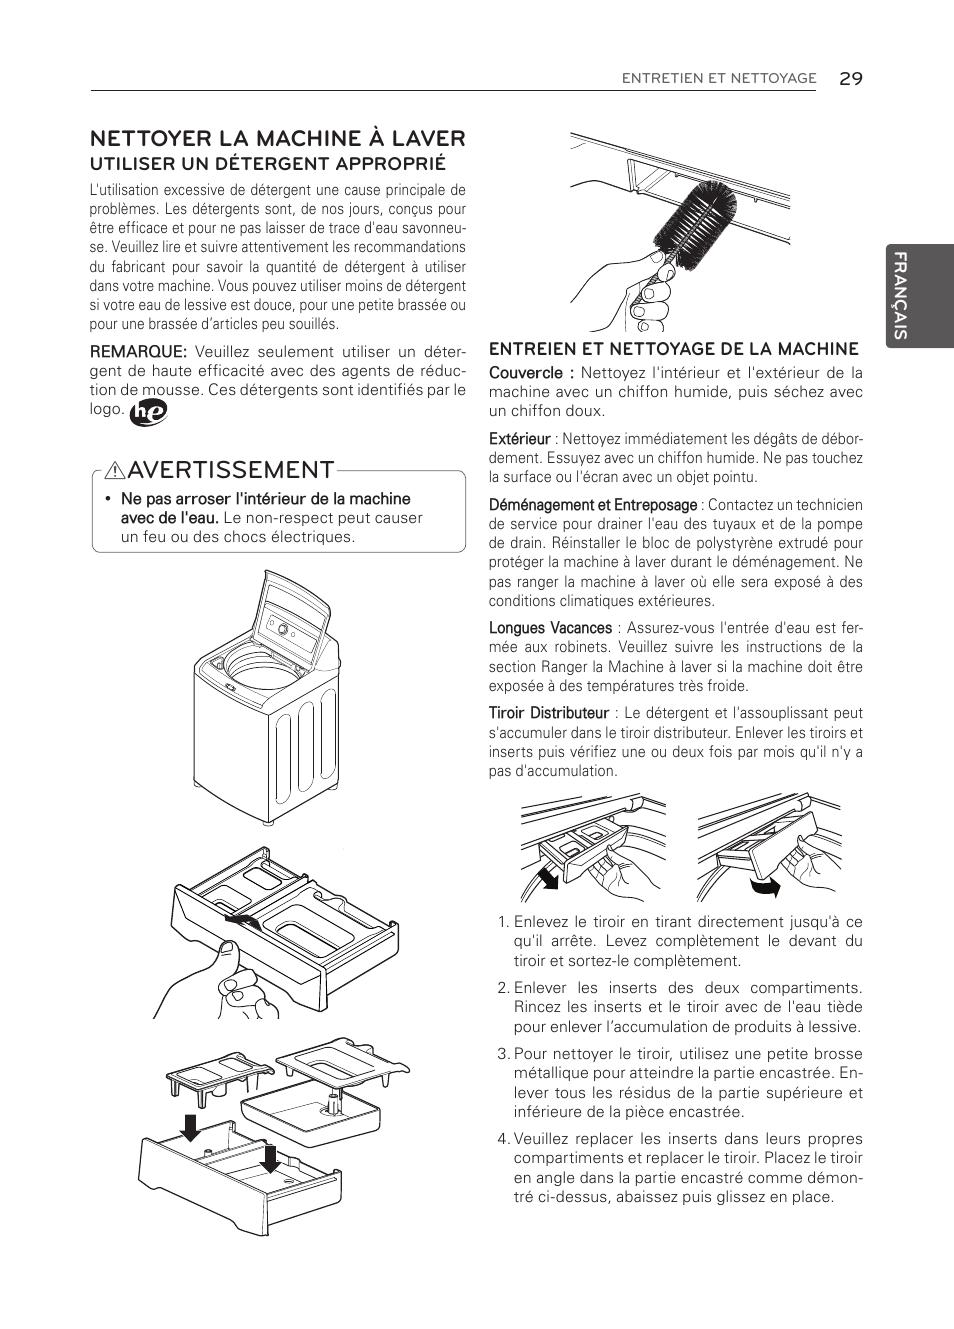 Nettoyer bac lessive machine a laver finest la lessive les jours de lessive commune duile de - Nettoyer joint machine a laver ...